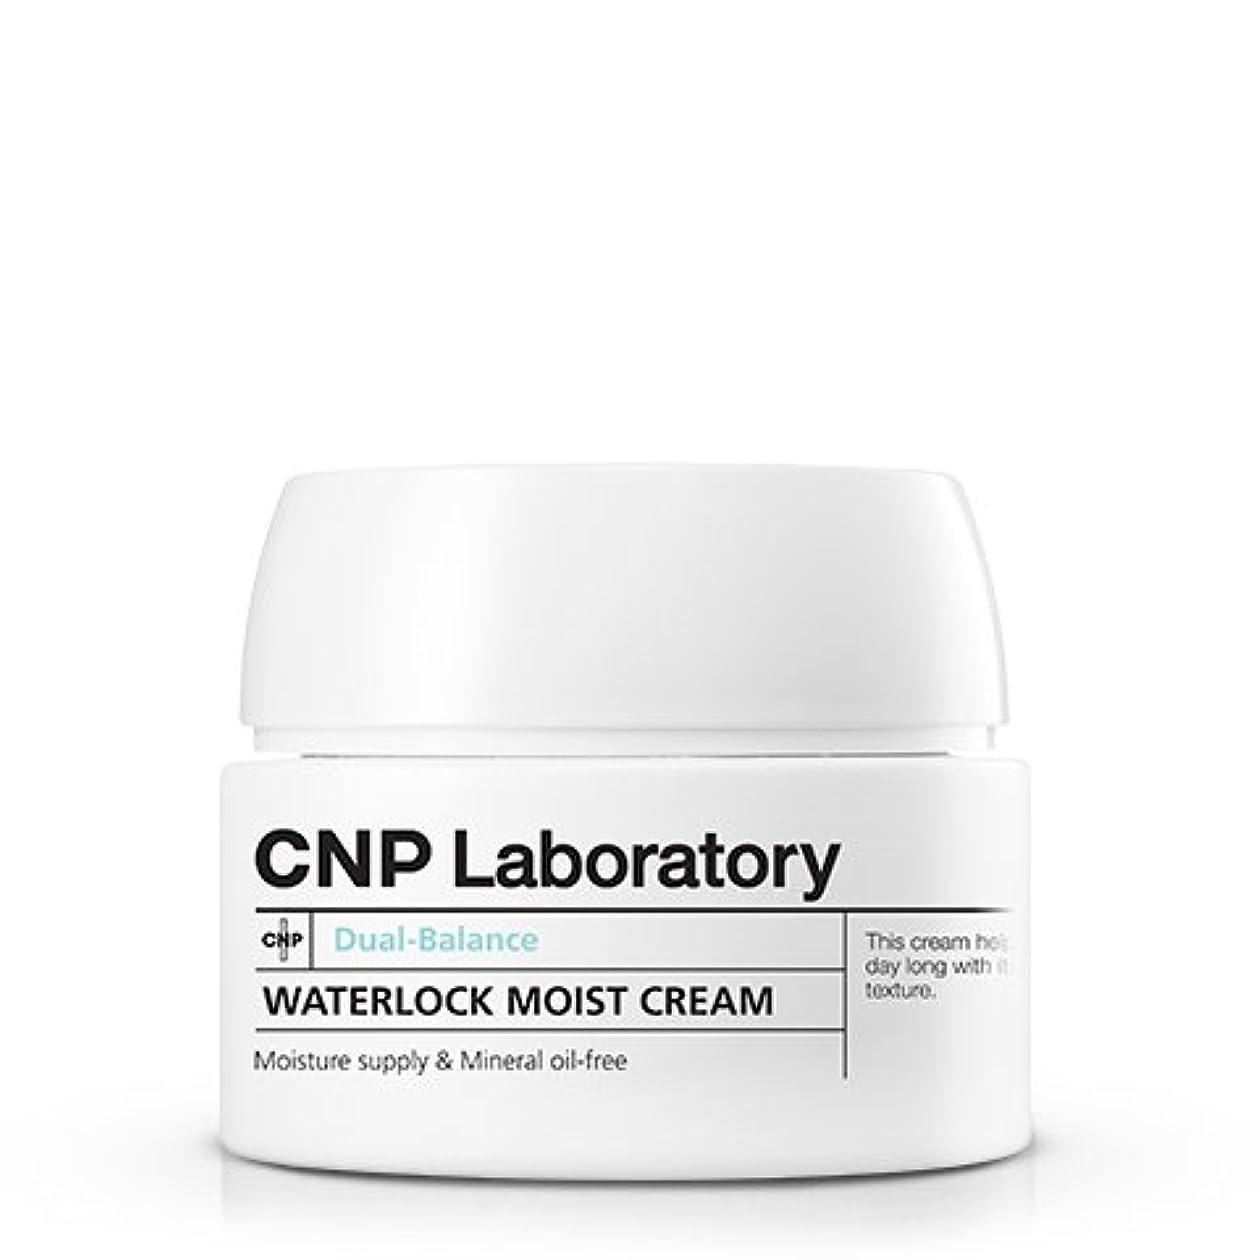 電話する包括的サーキットに行くCNP Laboratory デュアルバランスWaterLockモイストクリーム/Dual- Balance WaterLock Moist Cream 50ml [並行輸入品]